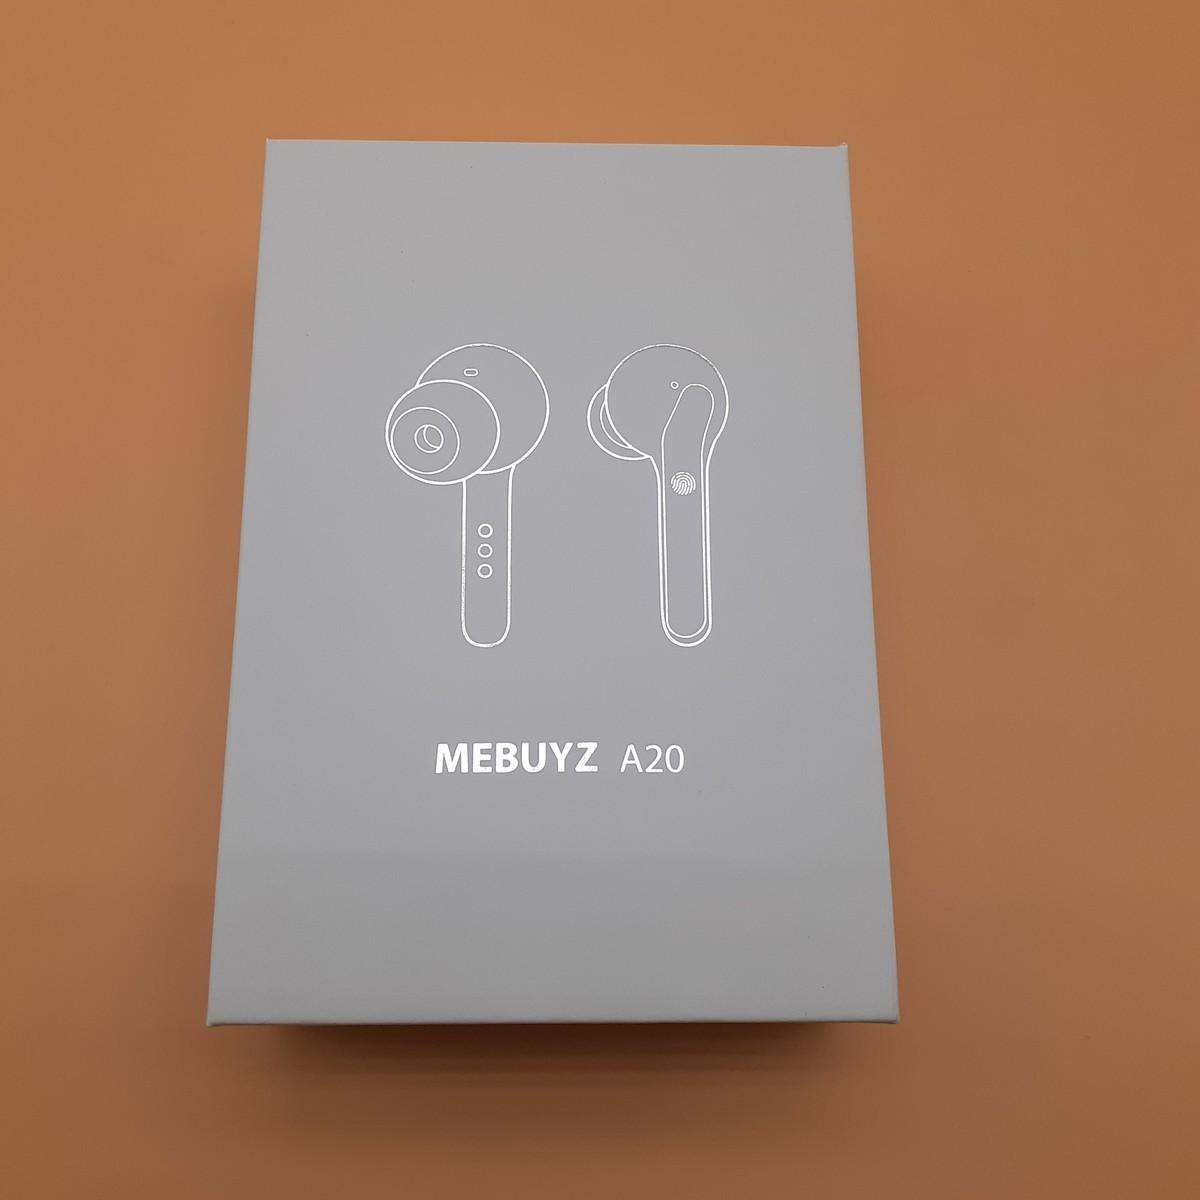 MEBUYZ A20